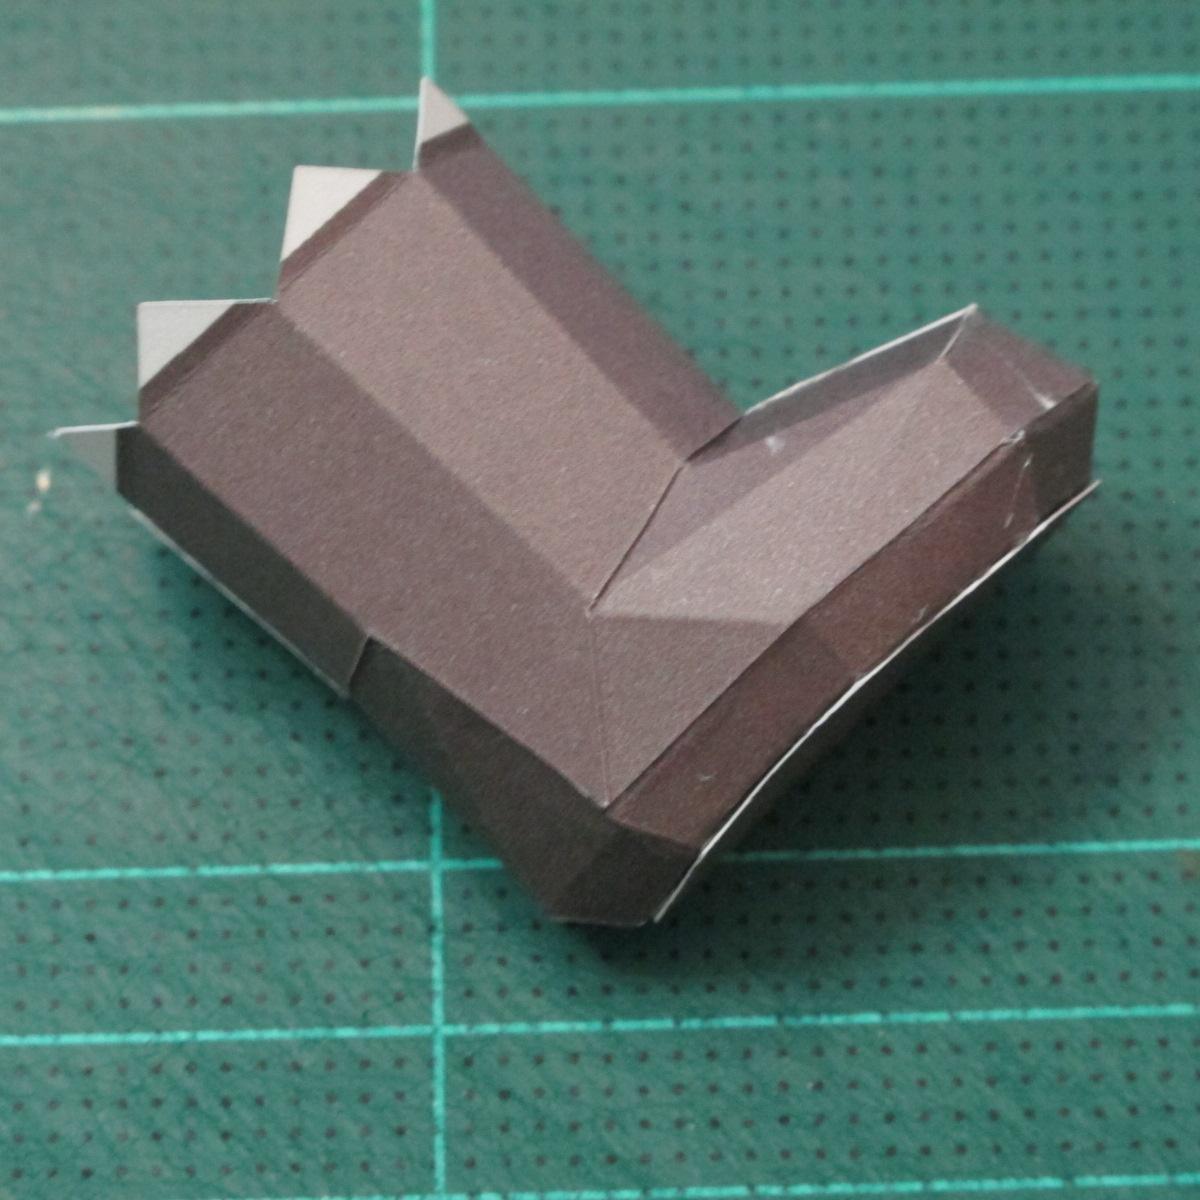 วิธีทำโมเดลกระดาษหมีบราวน์ชุดบอลโลก 2014 ทีมบราซิล (LINE Brown Bear in FIFA World Cup 2014 Brazil Jerseys Papercraft Model) 014